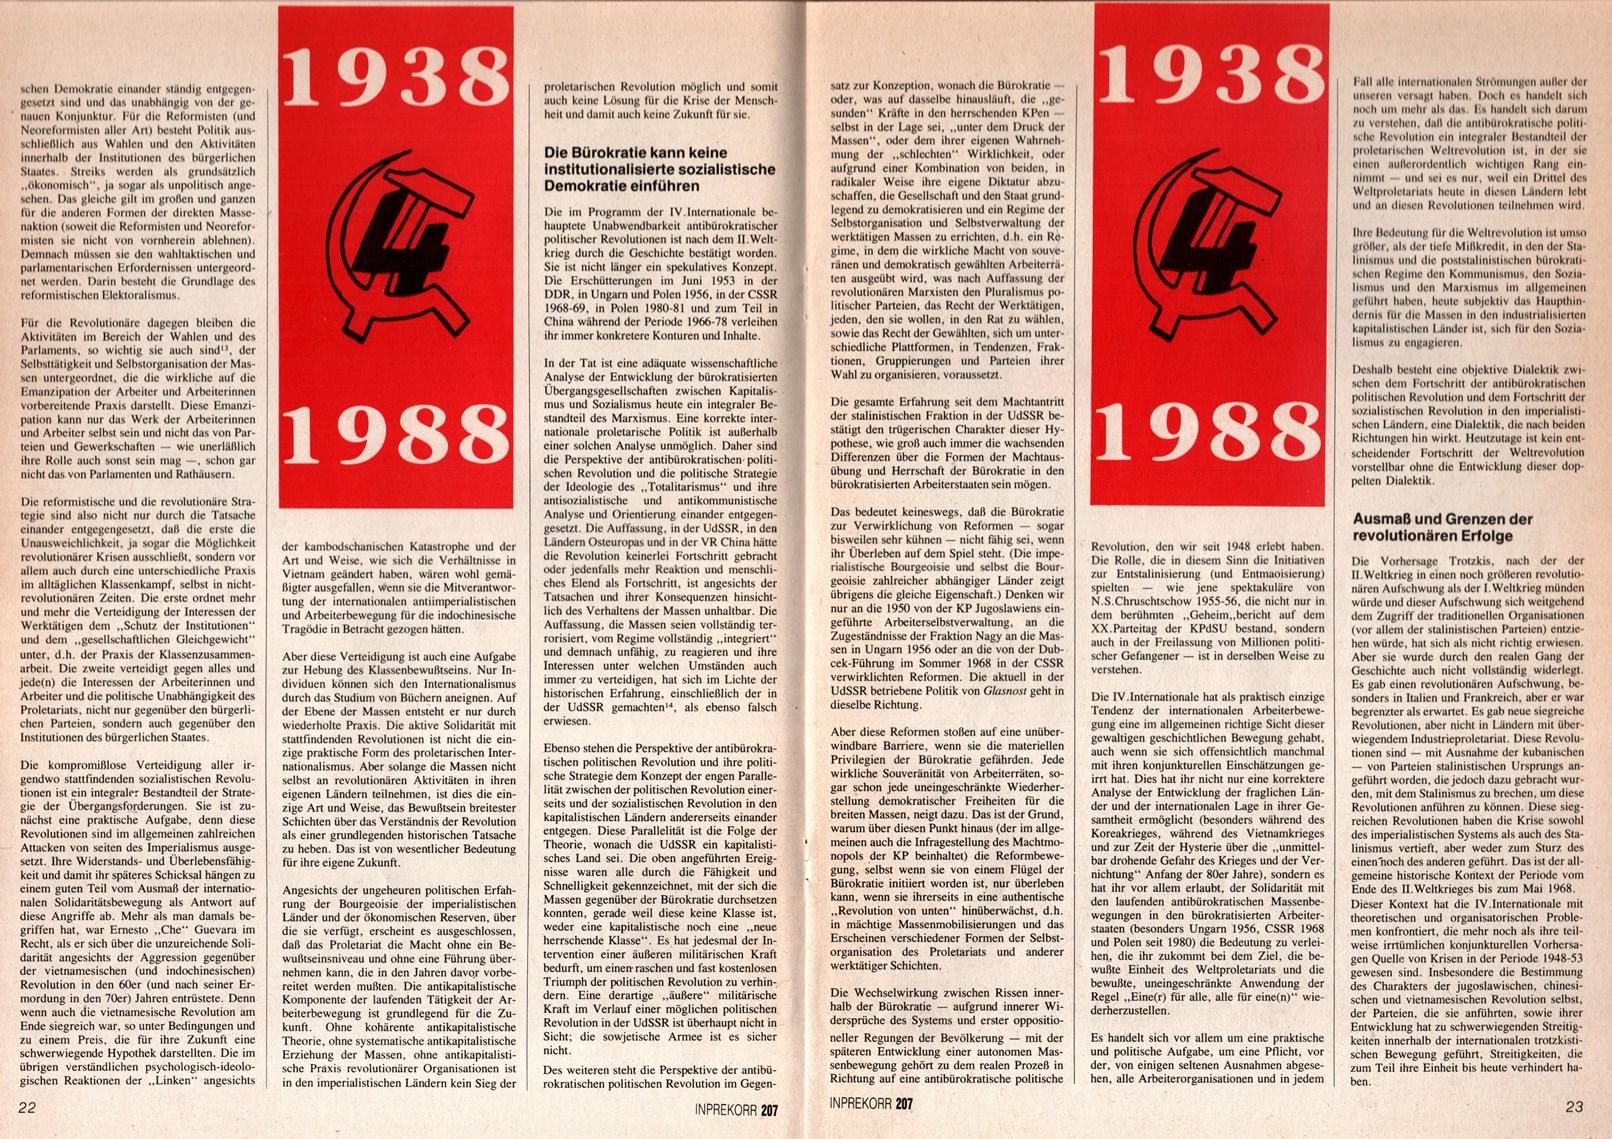 Inprekorr_19880900_207_012